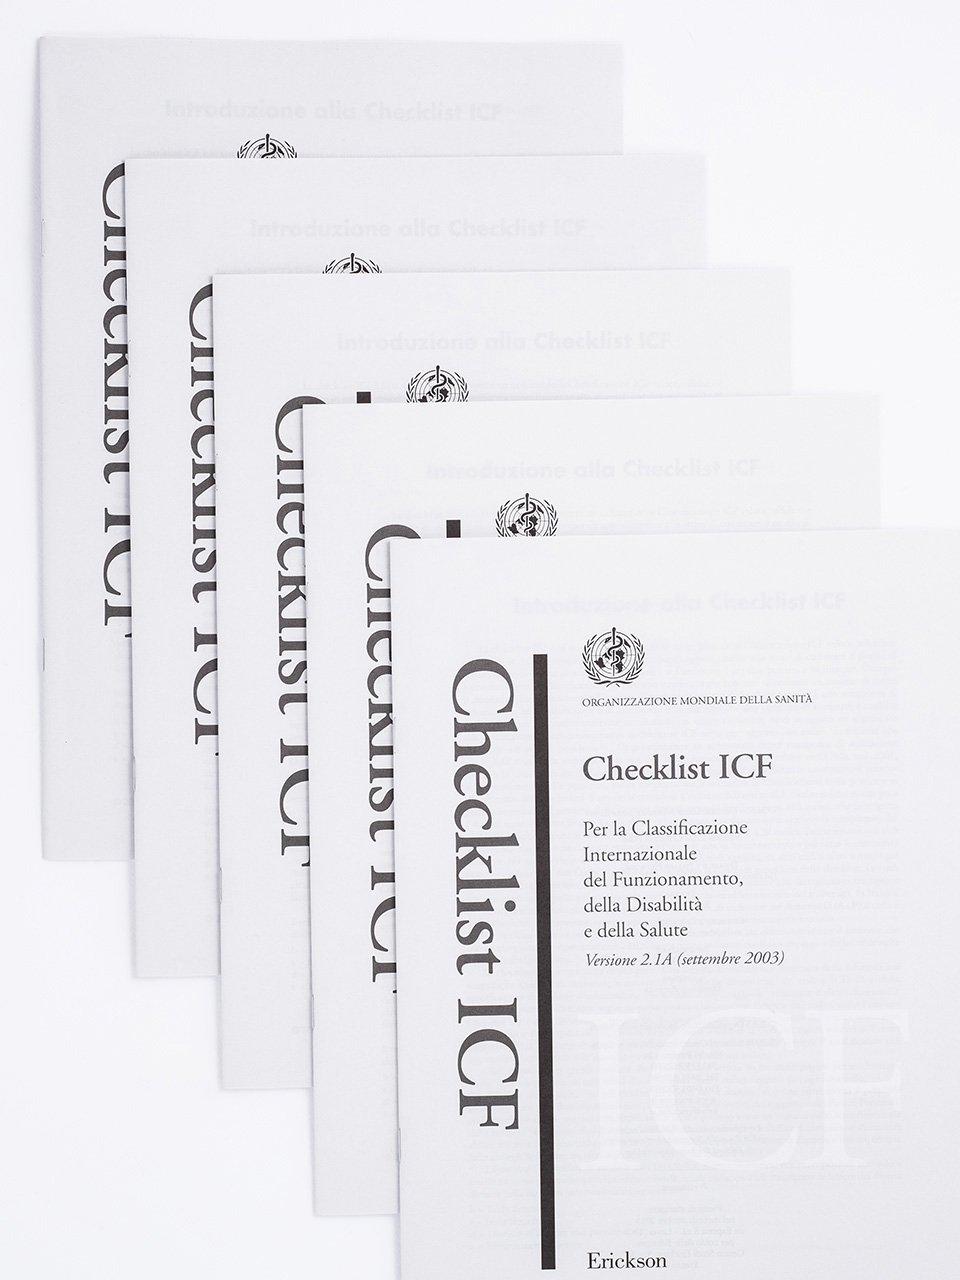 Checklist ICF - Strumenti - Erickson